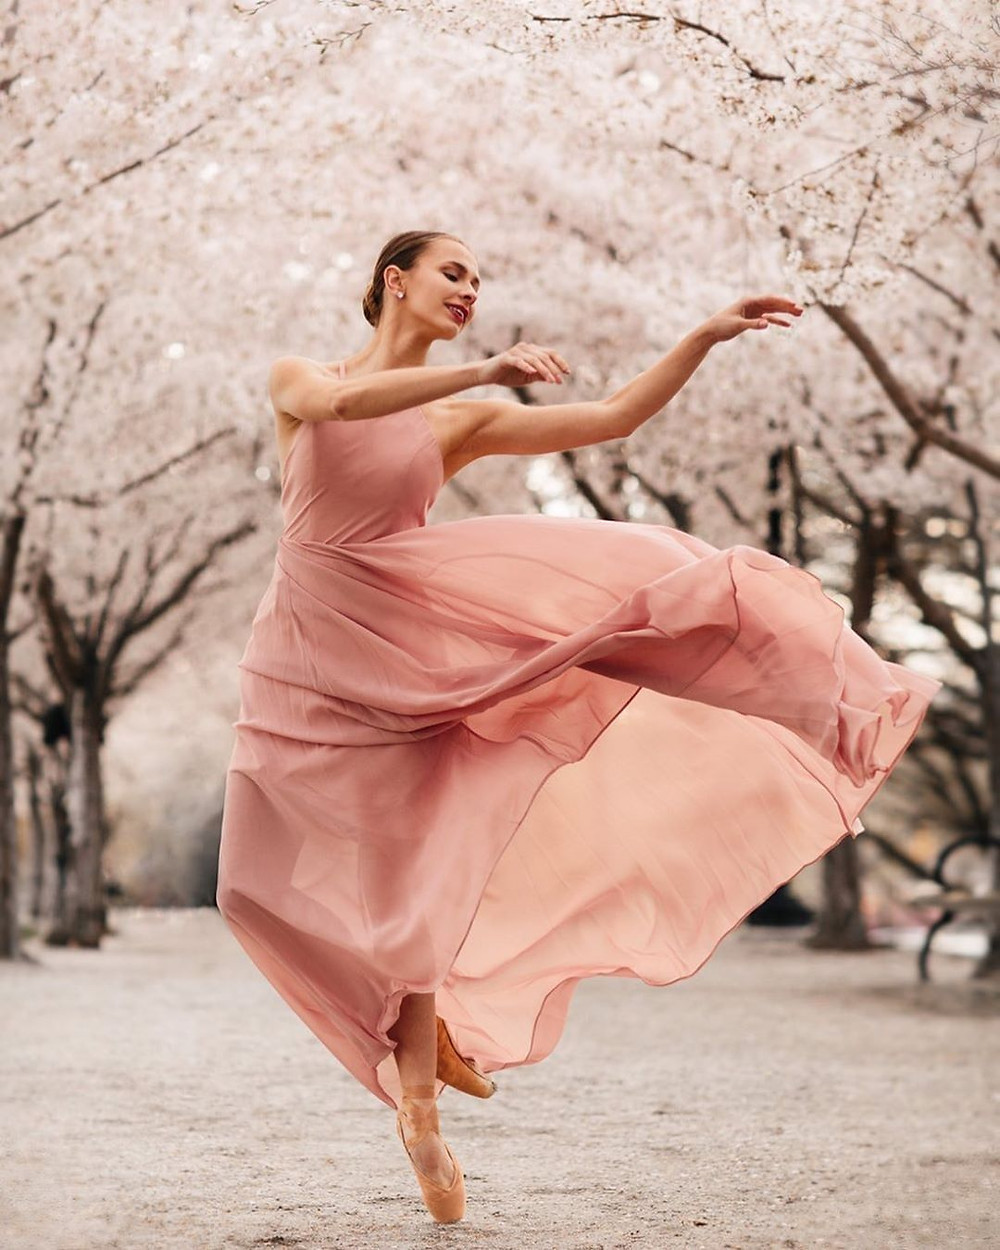 Blog Dança Cristã. Por Milene Oliveira. Tudo sobre ministério de dança. Deus te chama para dançar